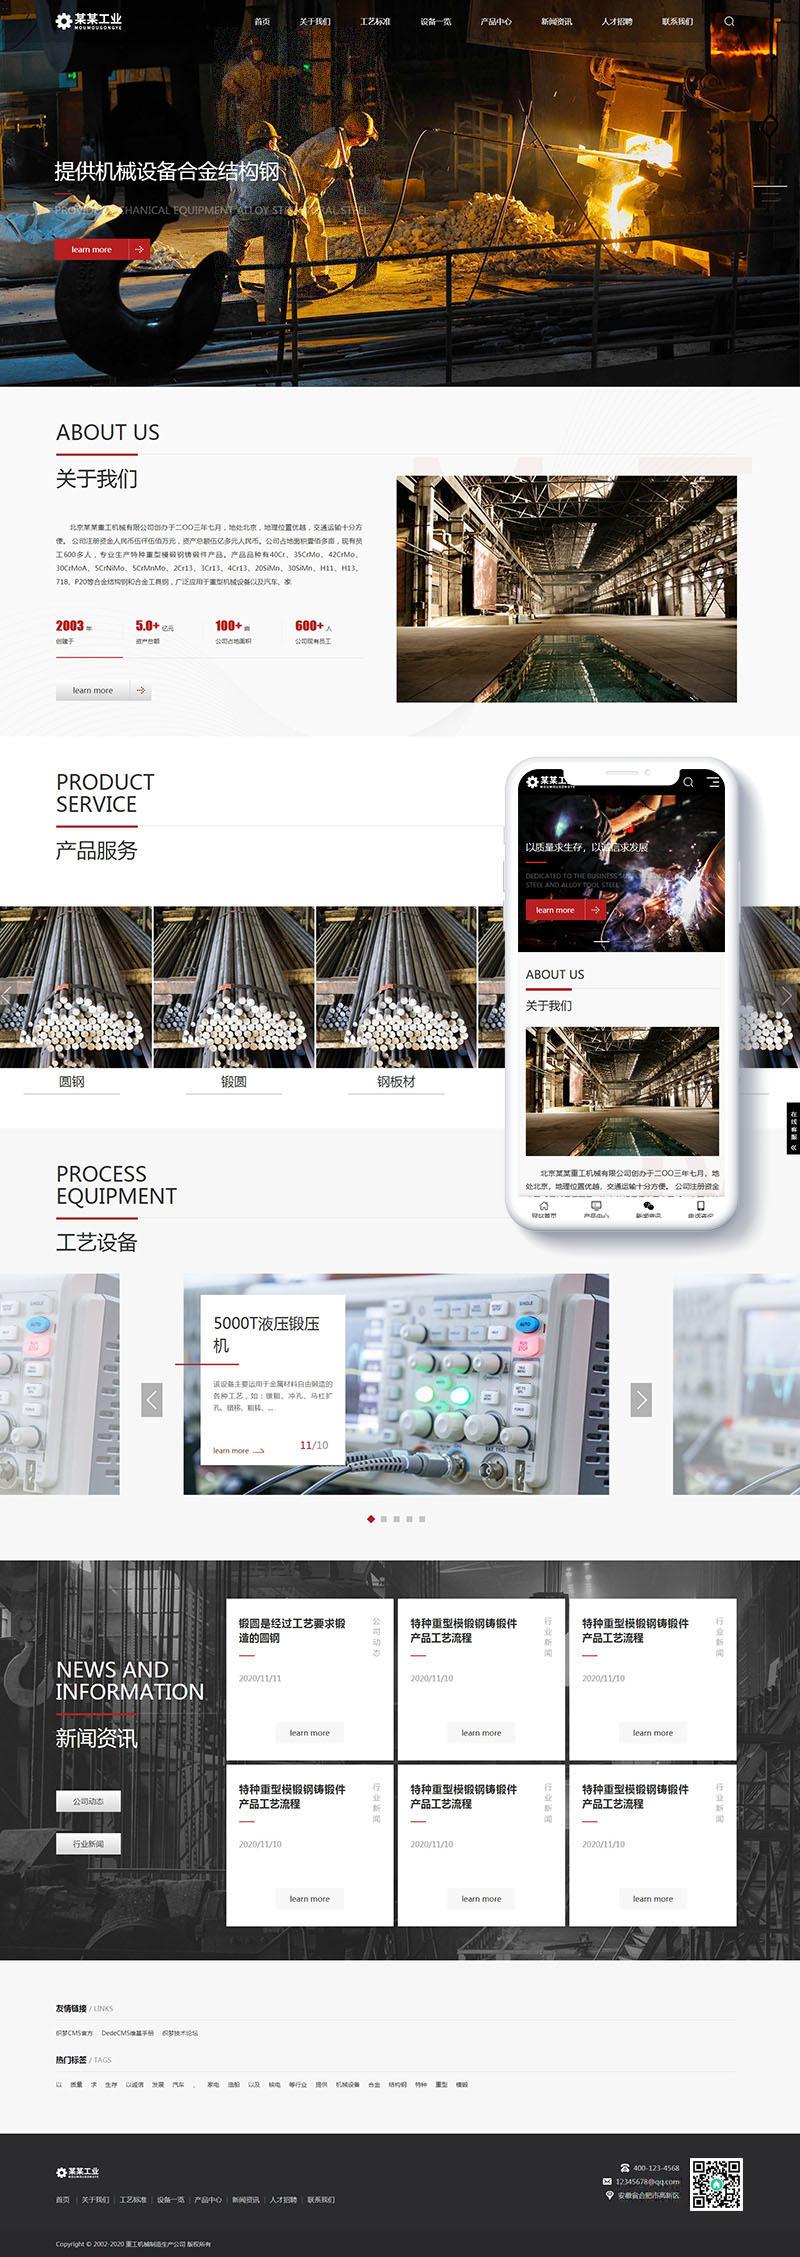 钢铁生产企业网站